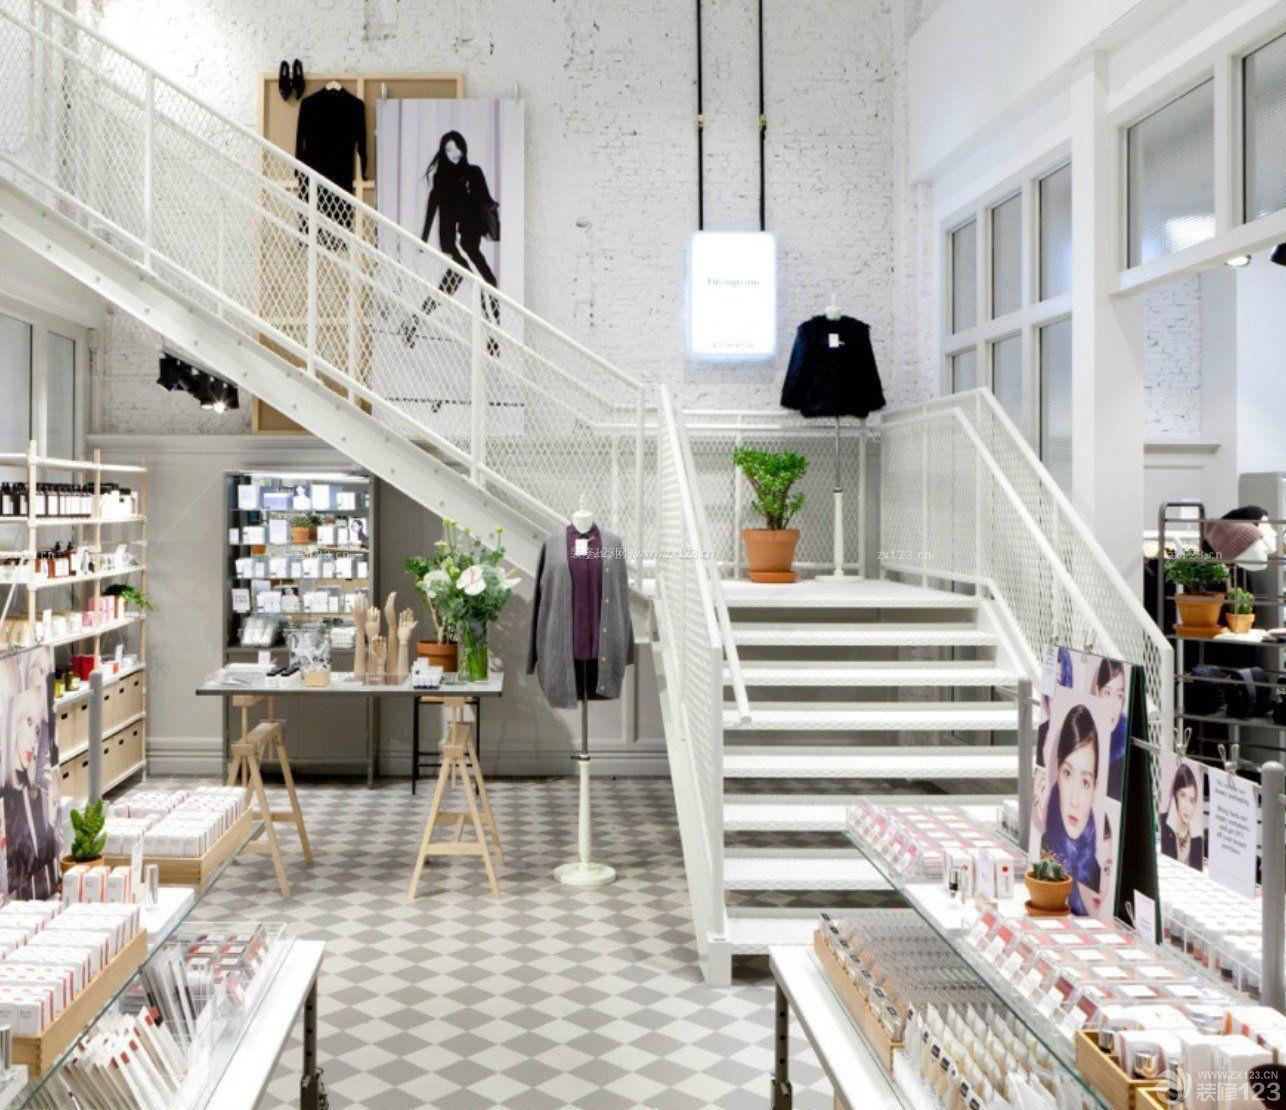 服装专卖店室内楼梯装修图片大全_装修123效果图